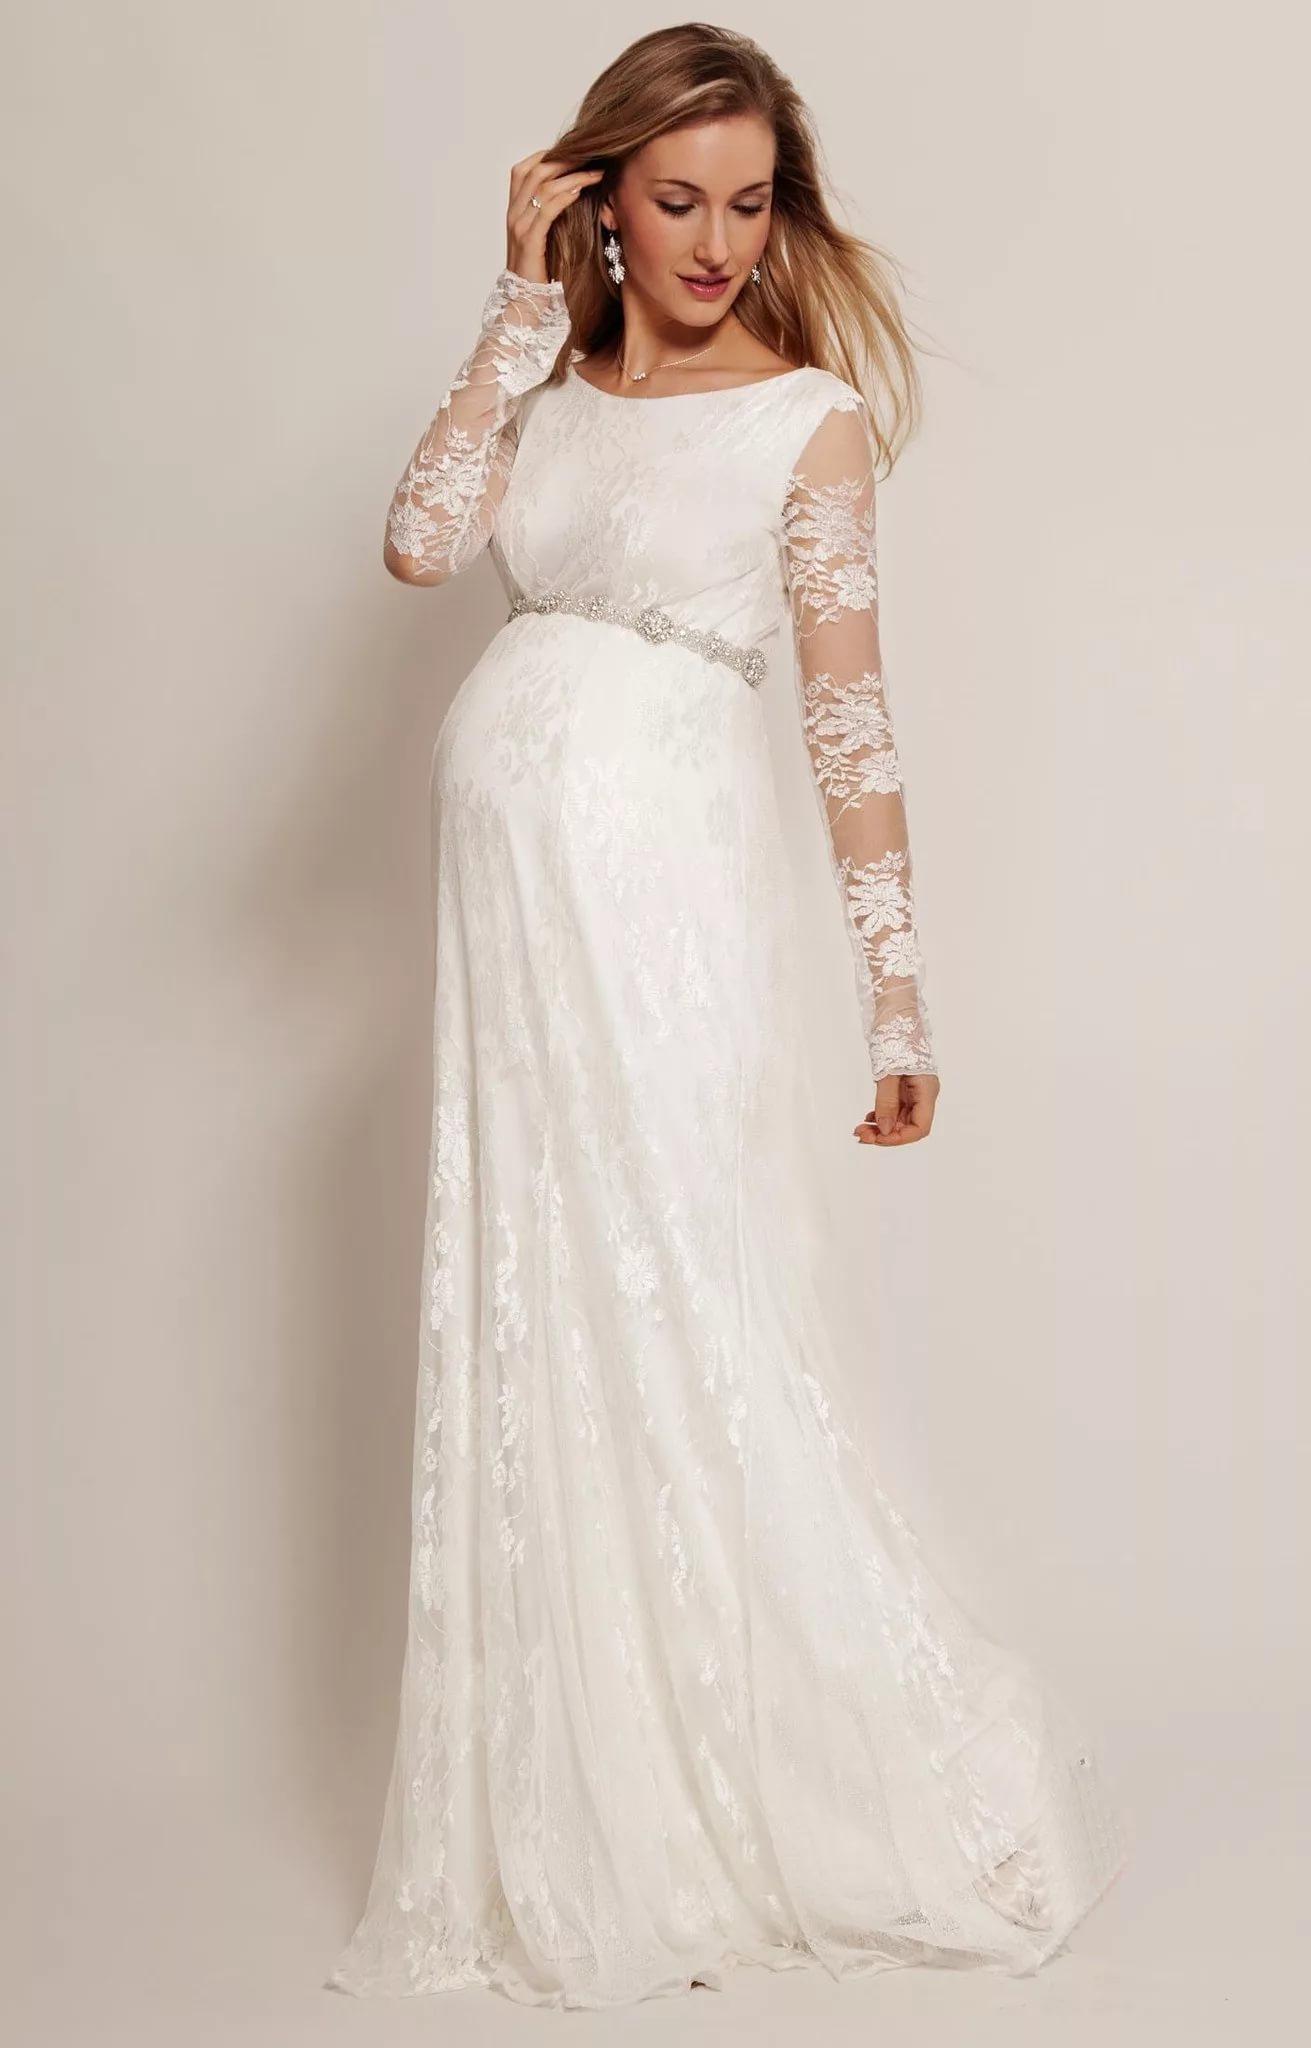 98f0593195d Платье в стиле бэби долл. Такая модель платья не будет стеснять ни одно  движение в такой ответственный день и при этом прекрасно скроет  округлившийся живот.